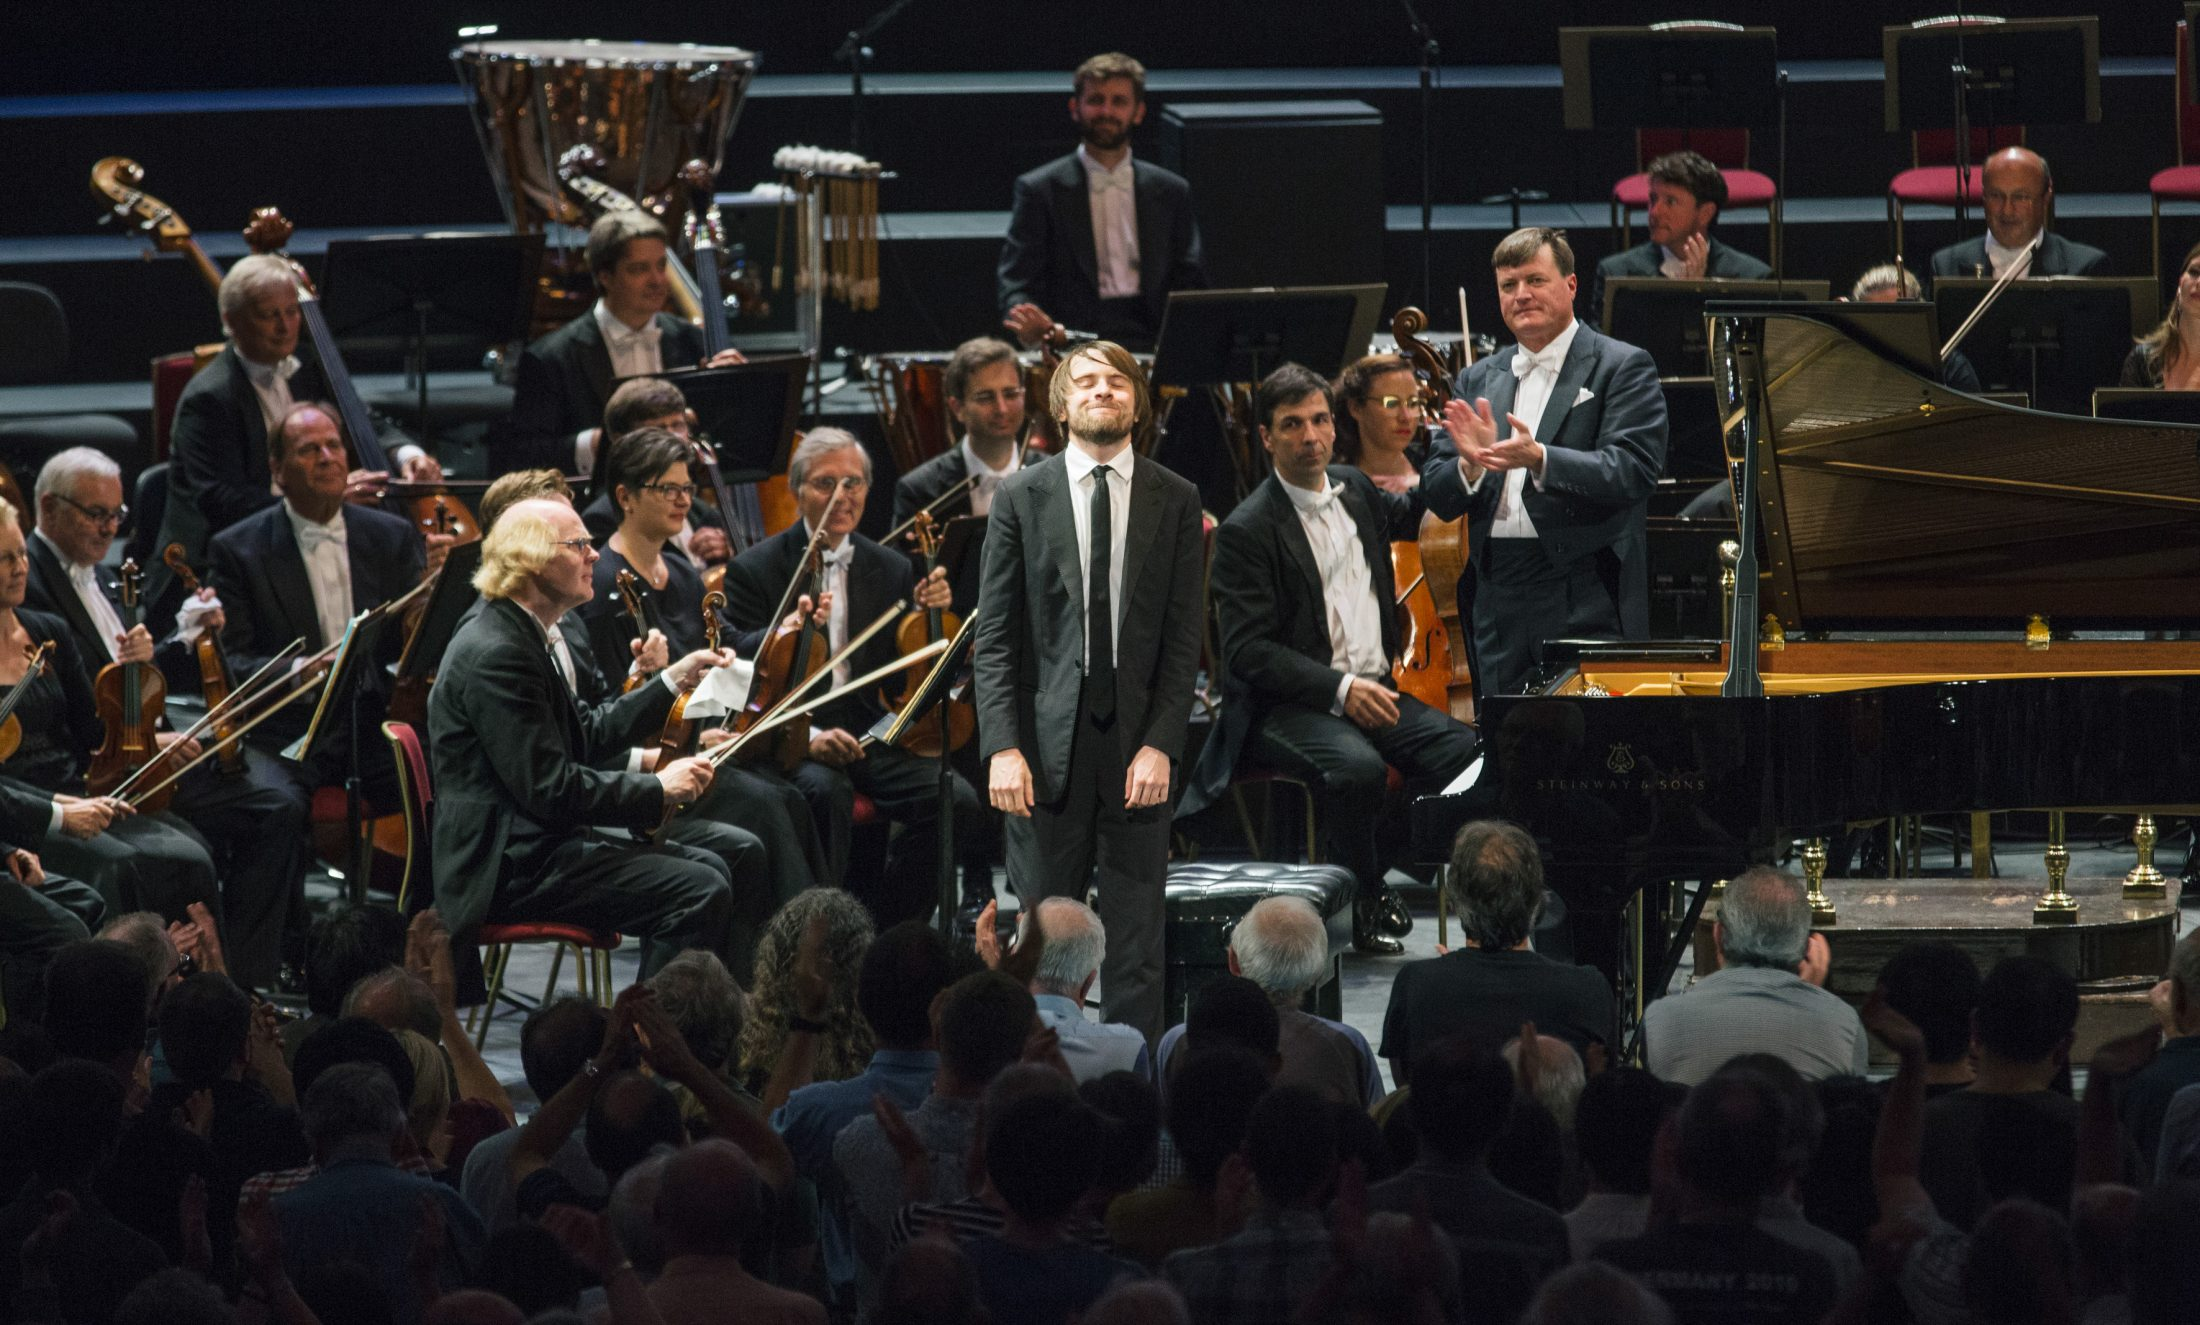 """Gastspiel der Staatskapelle Dresden am 07.09.2016 bei den """" BBC PROMS """" in der Royal Albert Hall in London / Grossbritannien . Foto: Oliver Killig"""